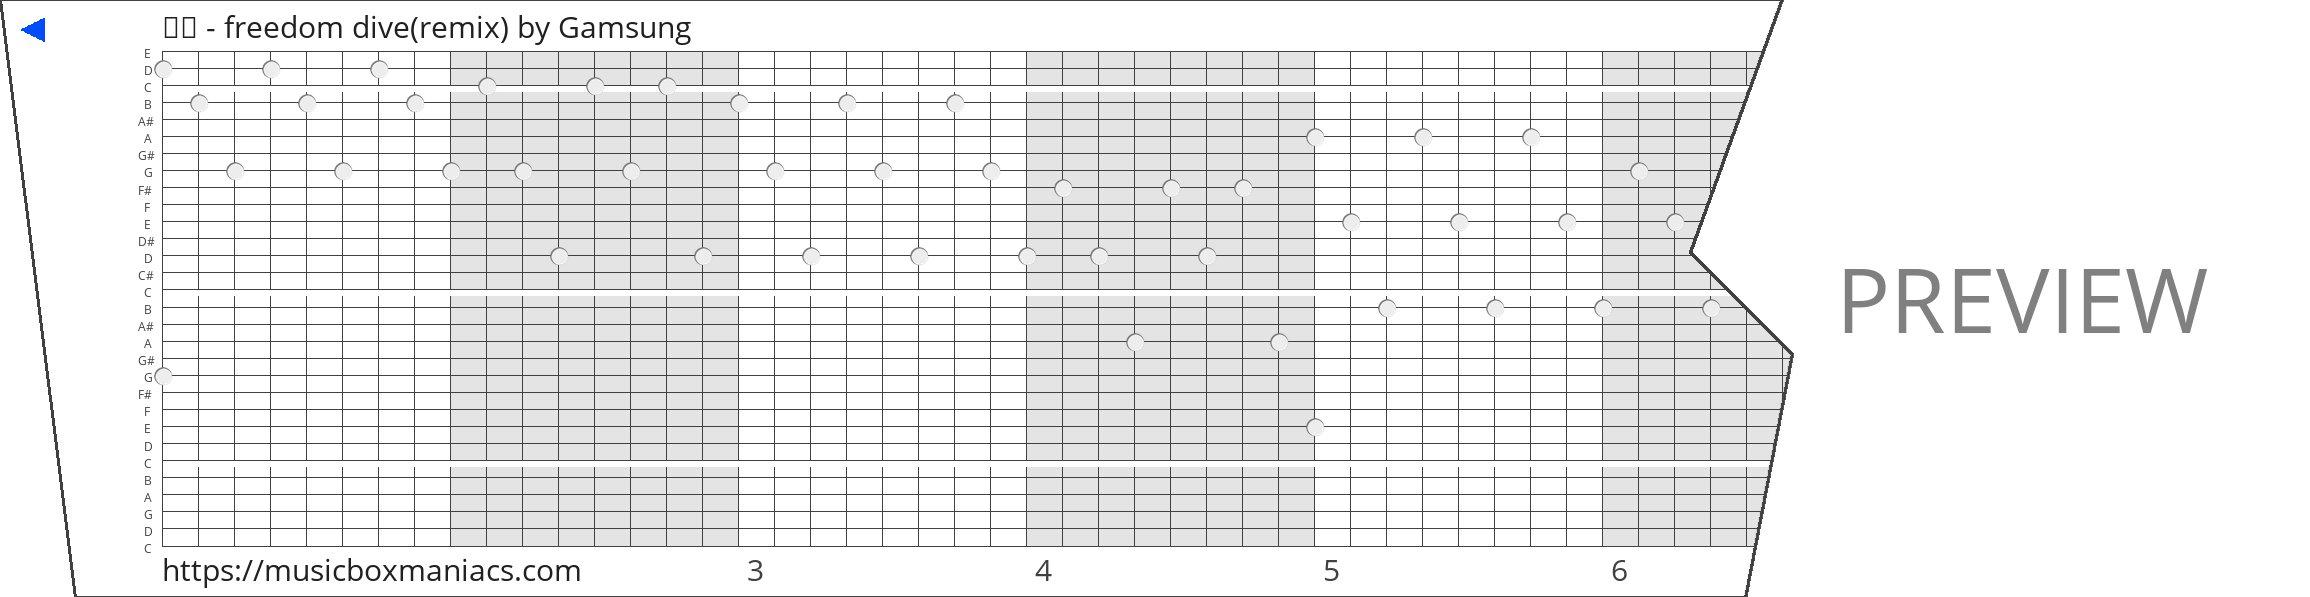 해성 - freedom dive(remix) 30 note music box paper strip